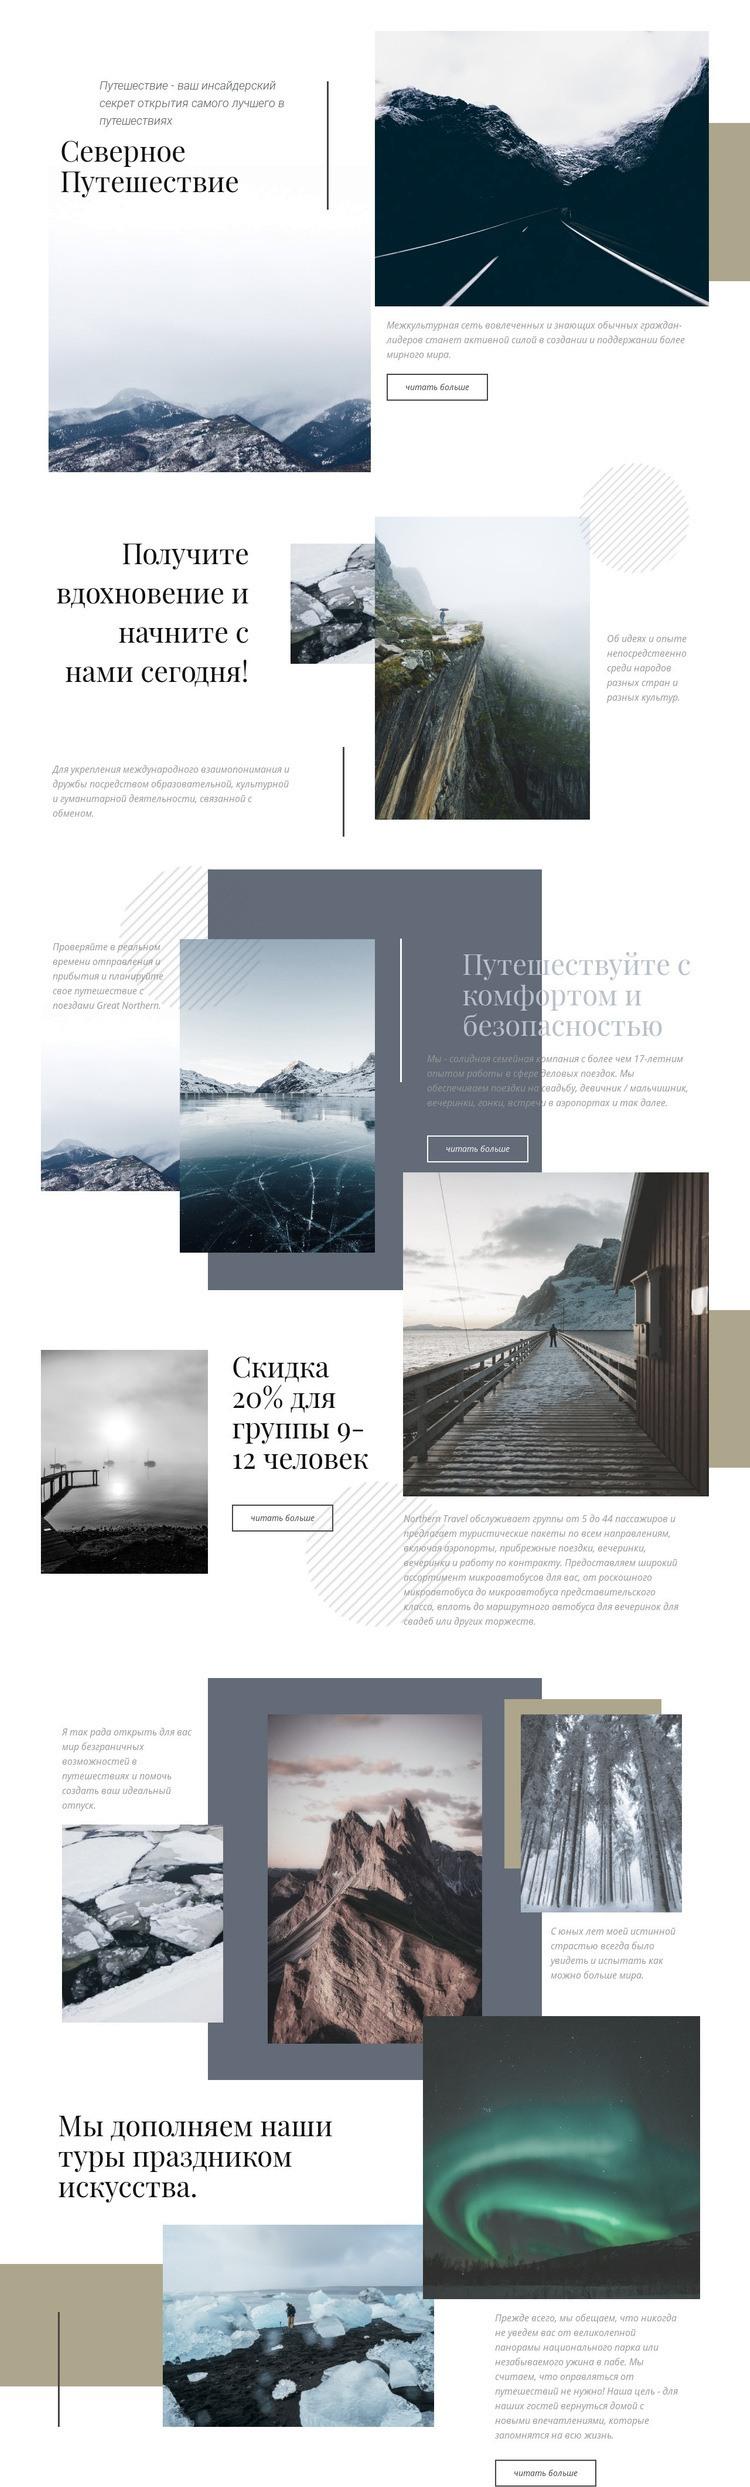 Северное Путешествие Шаблон веб-сайта